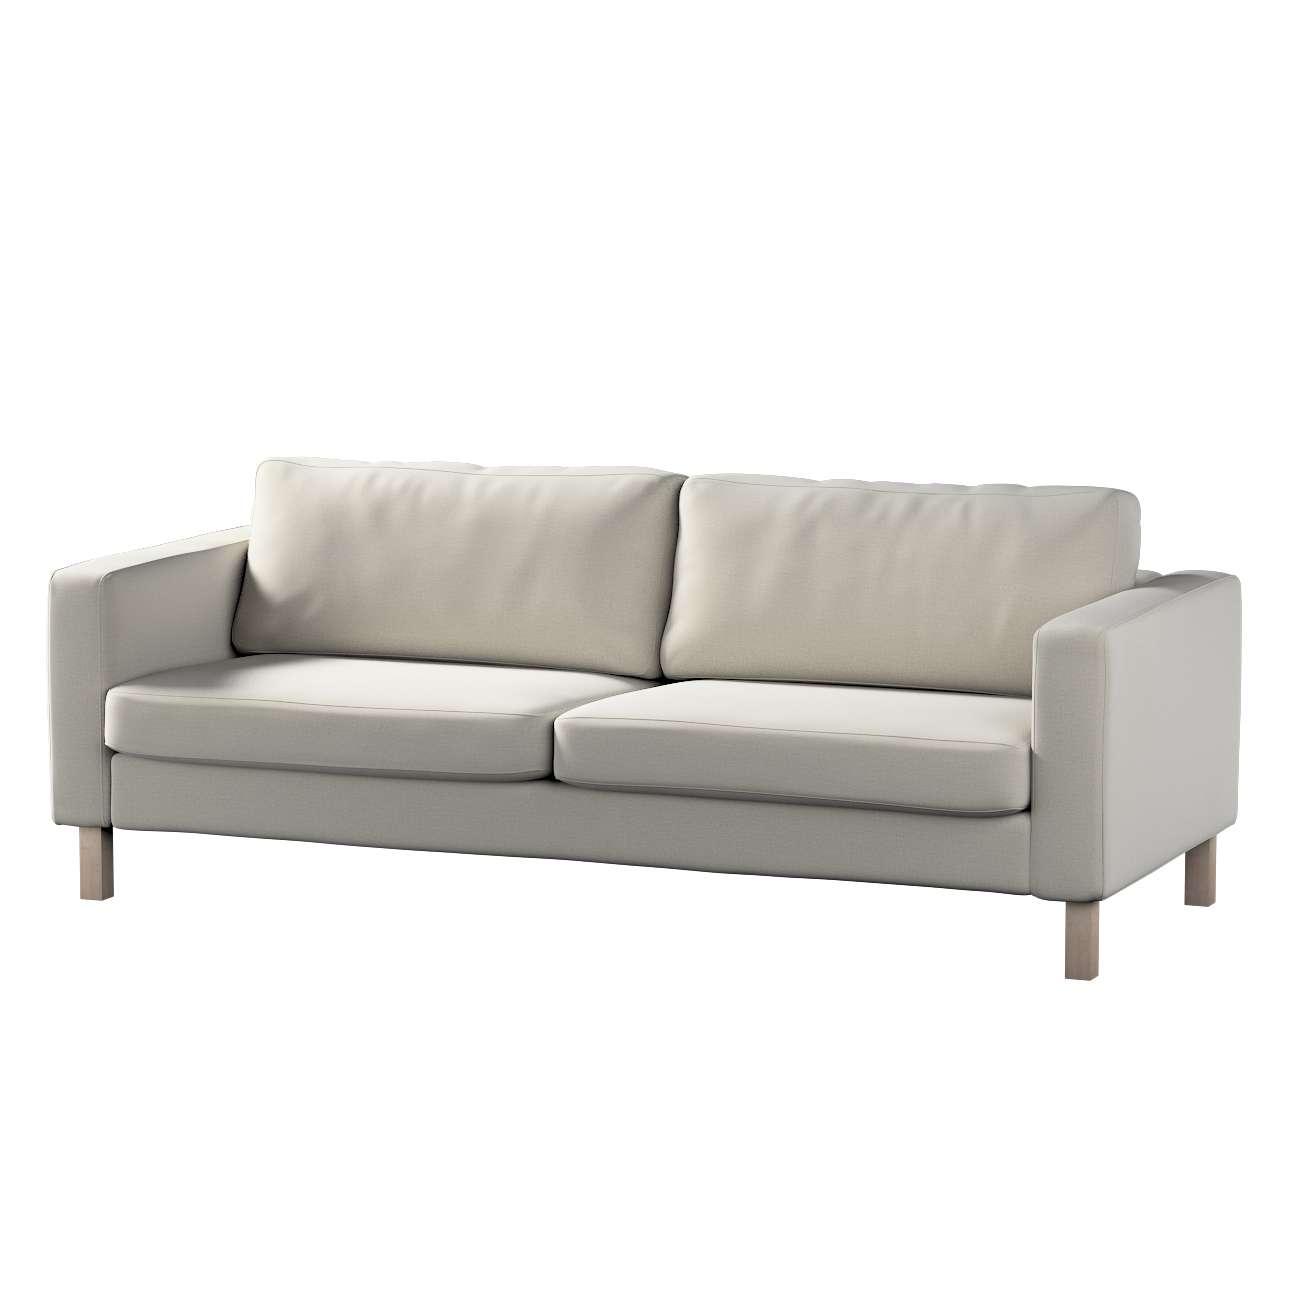 Pokrowiec na sofę Karlstad rozkładaną w kolekcji Ingrid, tkanina: 705-40